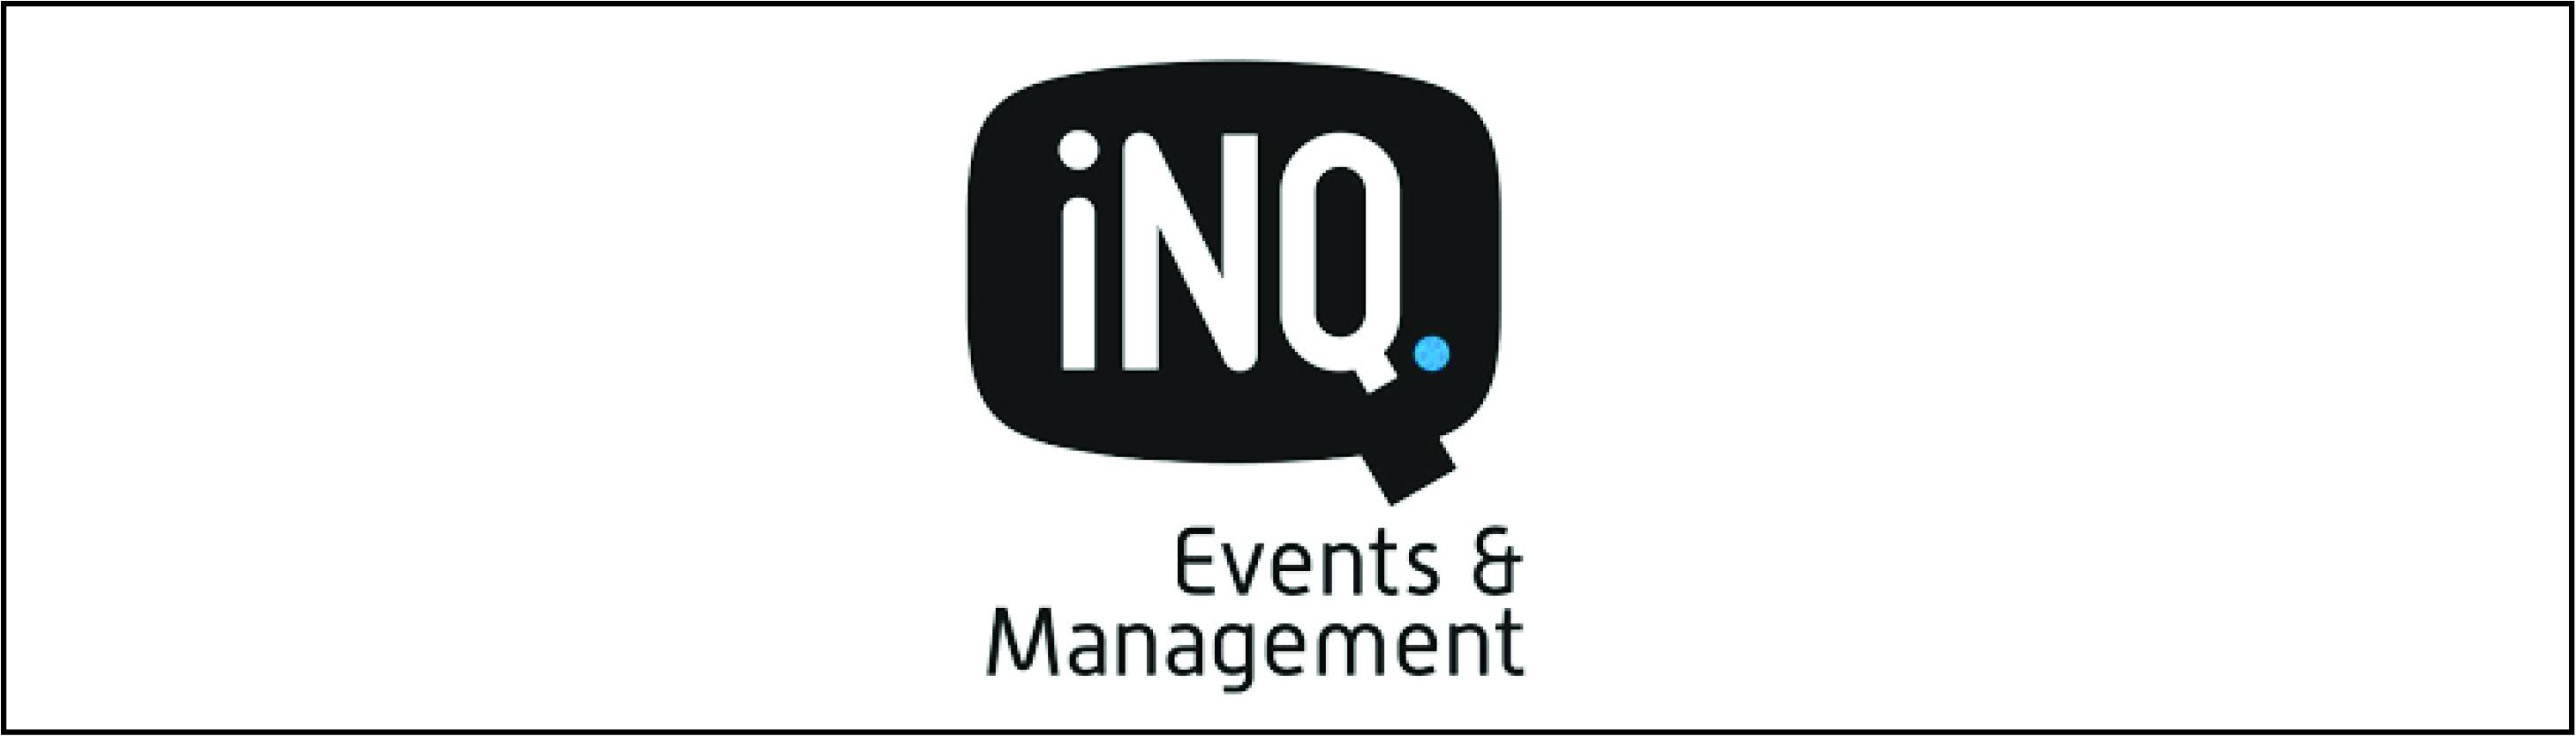 iNQ review pion horeca en promotie bergen op zoom